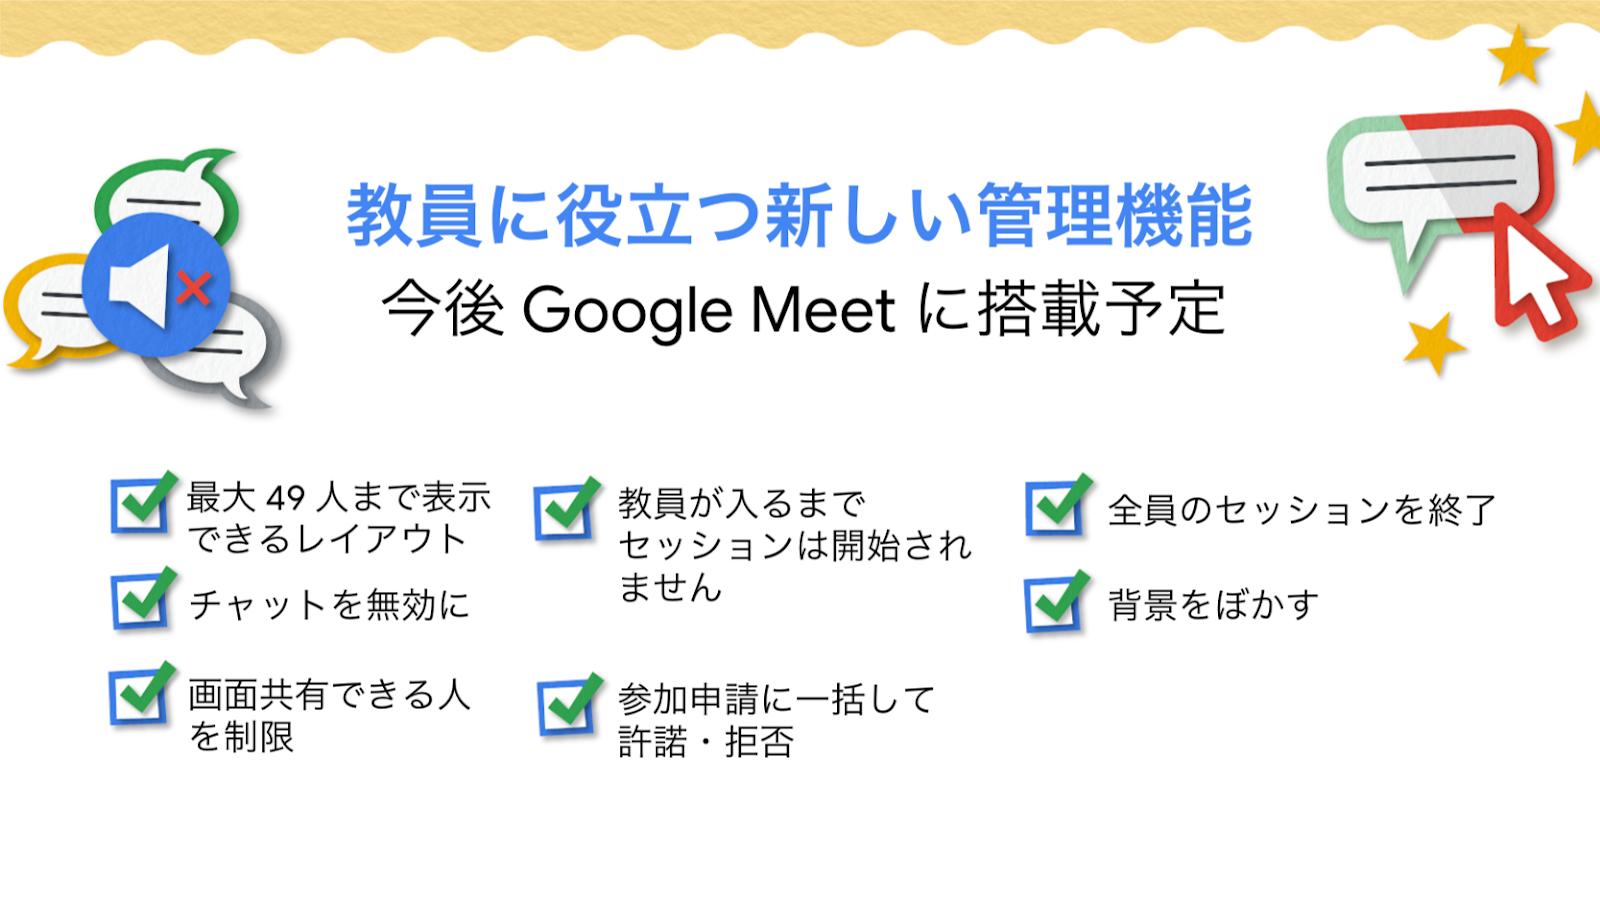 できない グーグル クラスルーム 参加